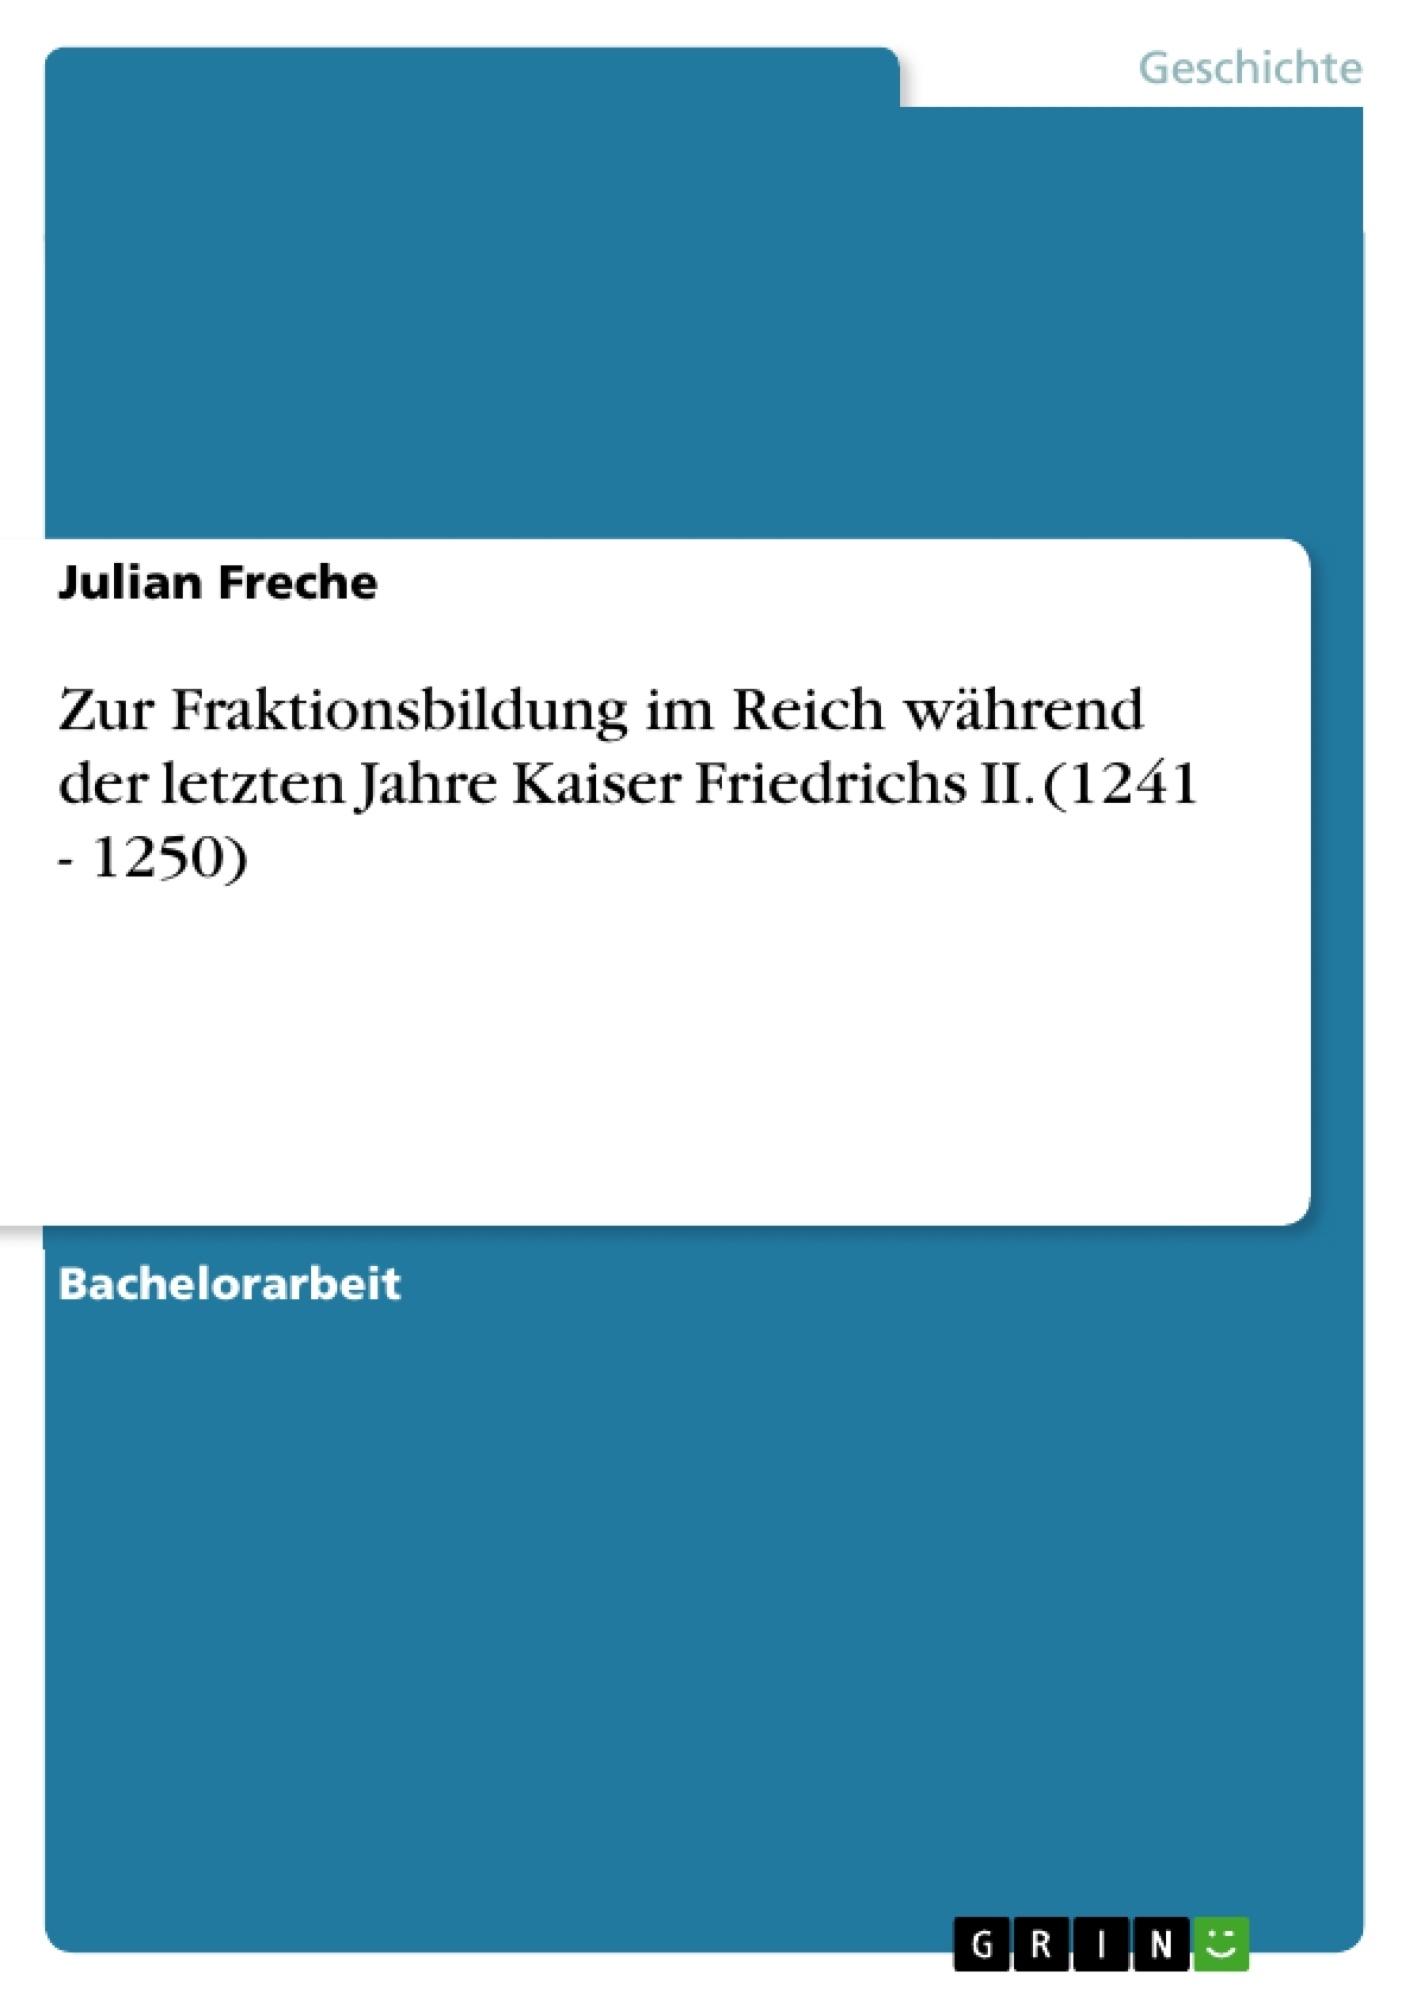 Titel: Zur Fraktionsbildung im Reich während der letzten Jahre Kaiser  Friedrichs II. (1241 - 1250)